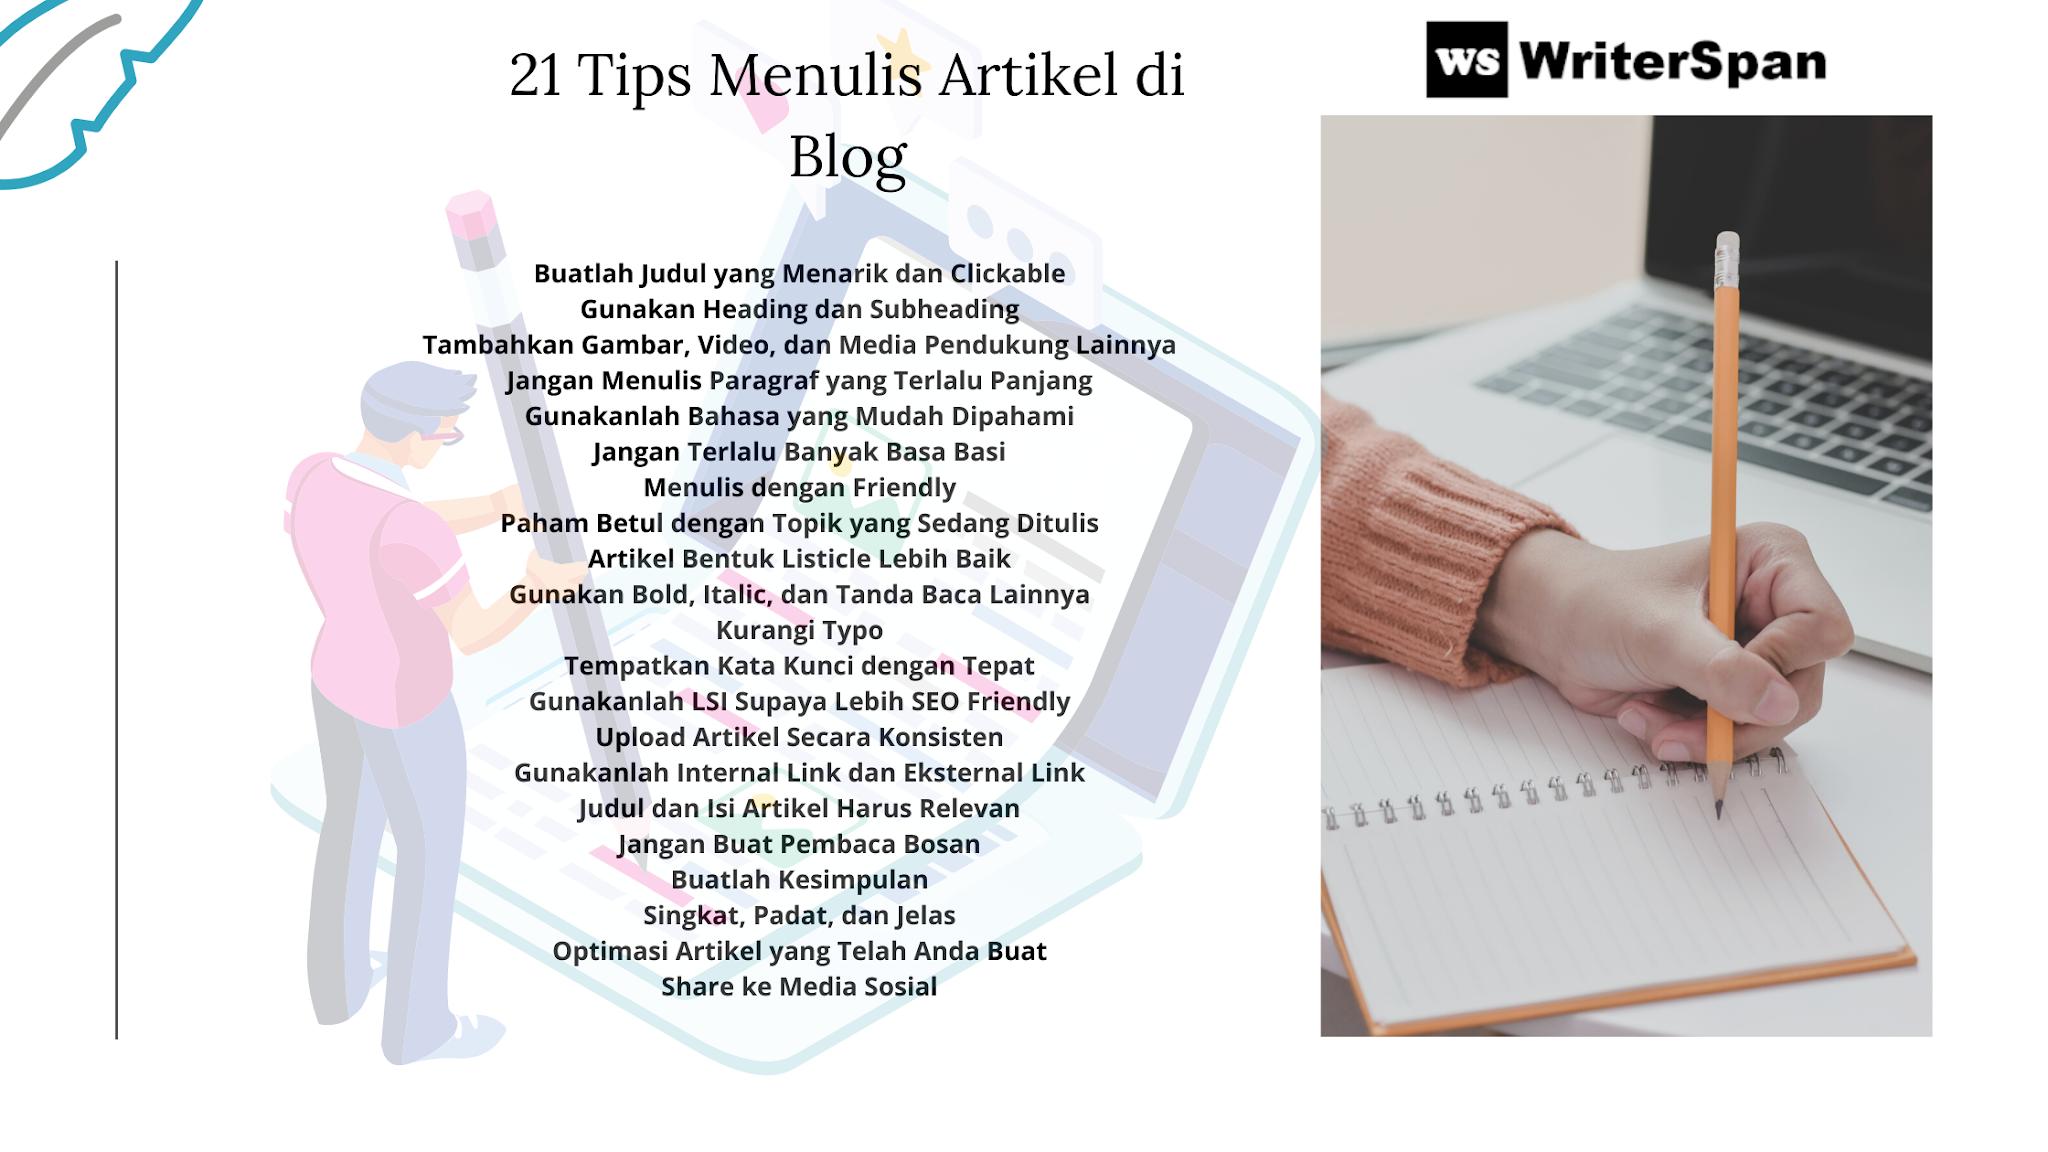 Tips Menulis Artikel di Blog